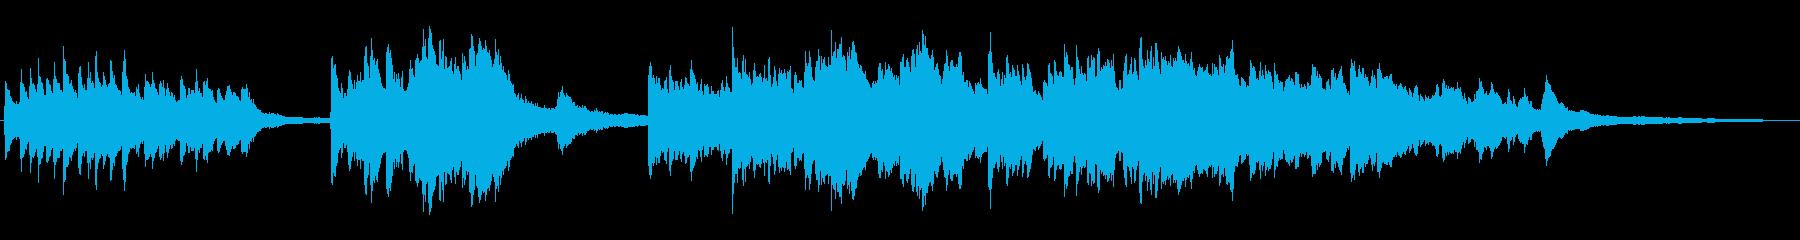 深い森(曇のち晴れ) ピアノの再生済みの波形